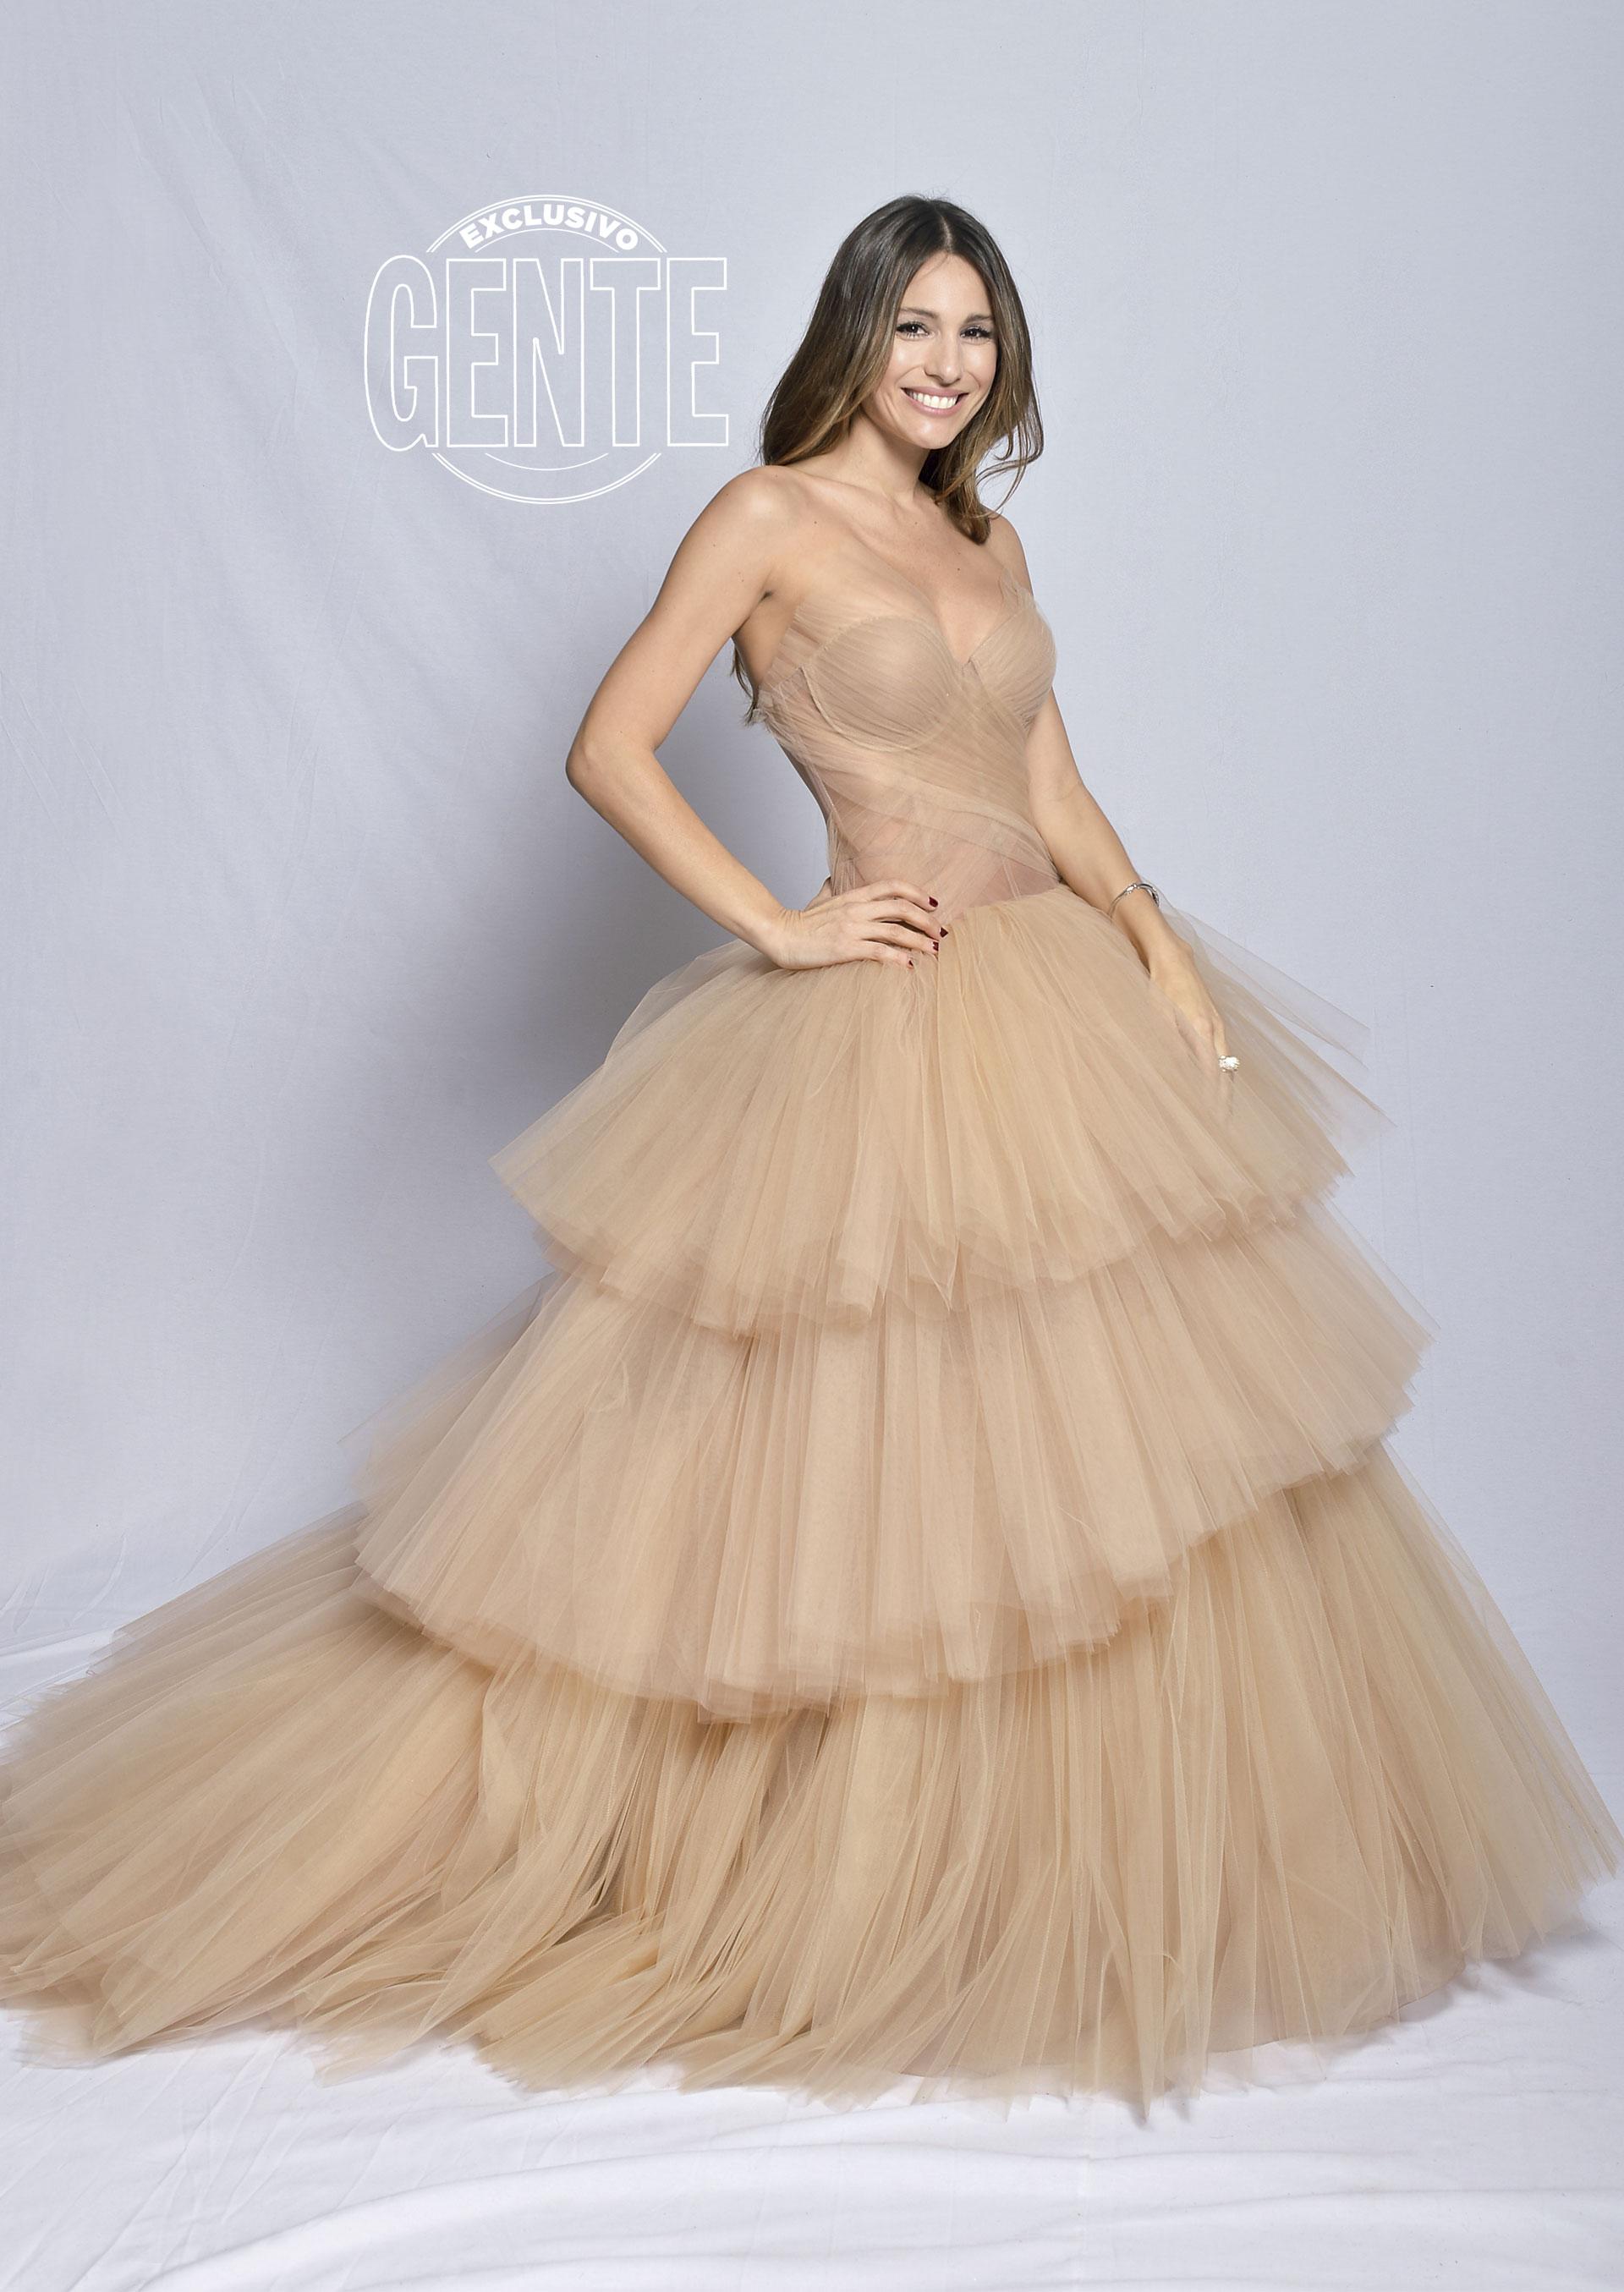 Pampita por Saiach, en vestido de organza de seda natural nude, con 110 metros de tul, zapatos Sarkany y joyas de Rubí Rubí.